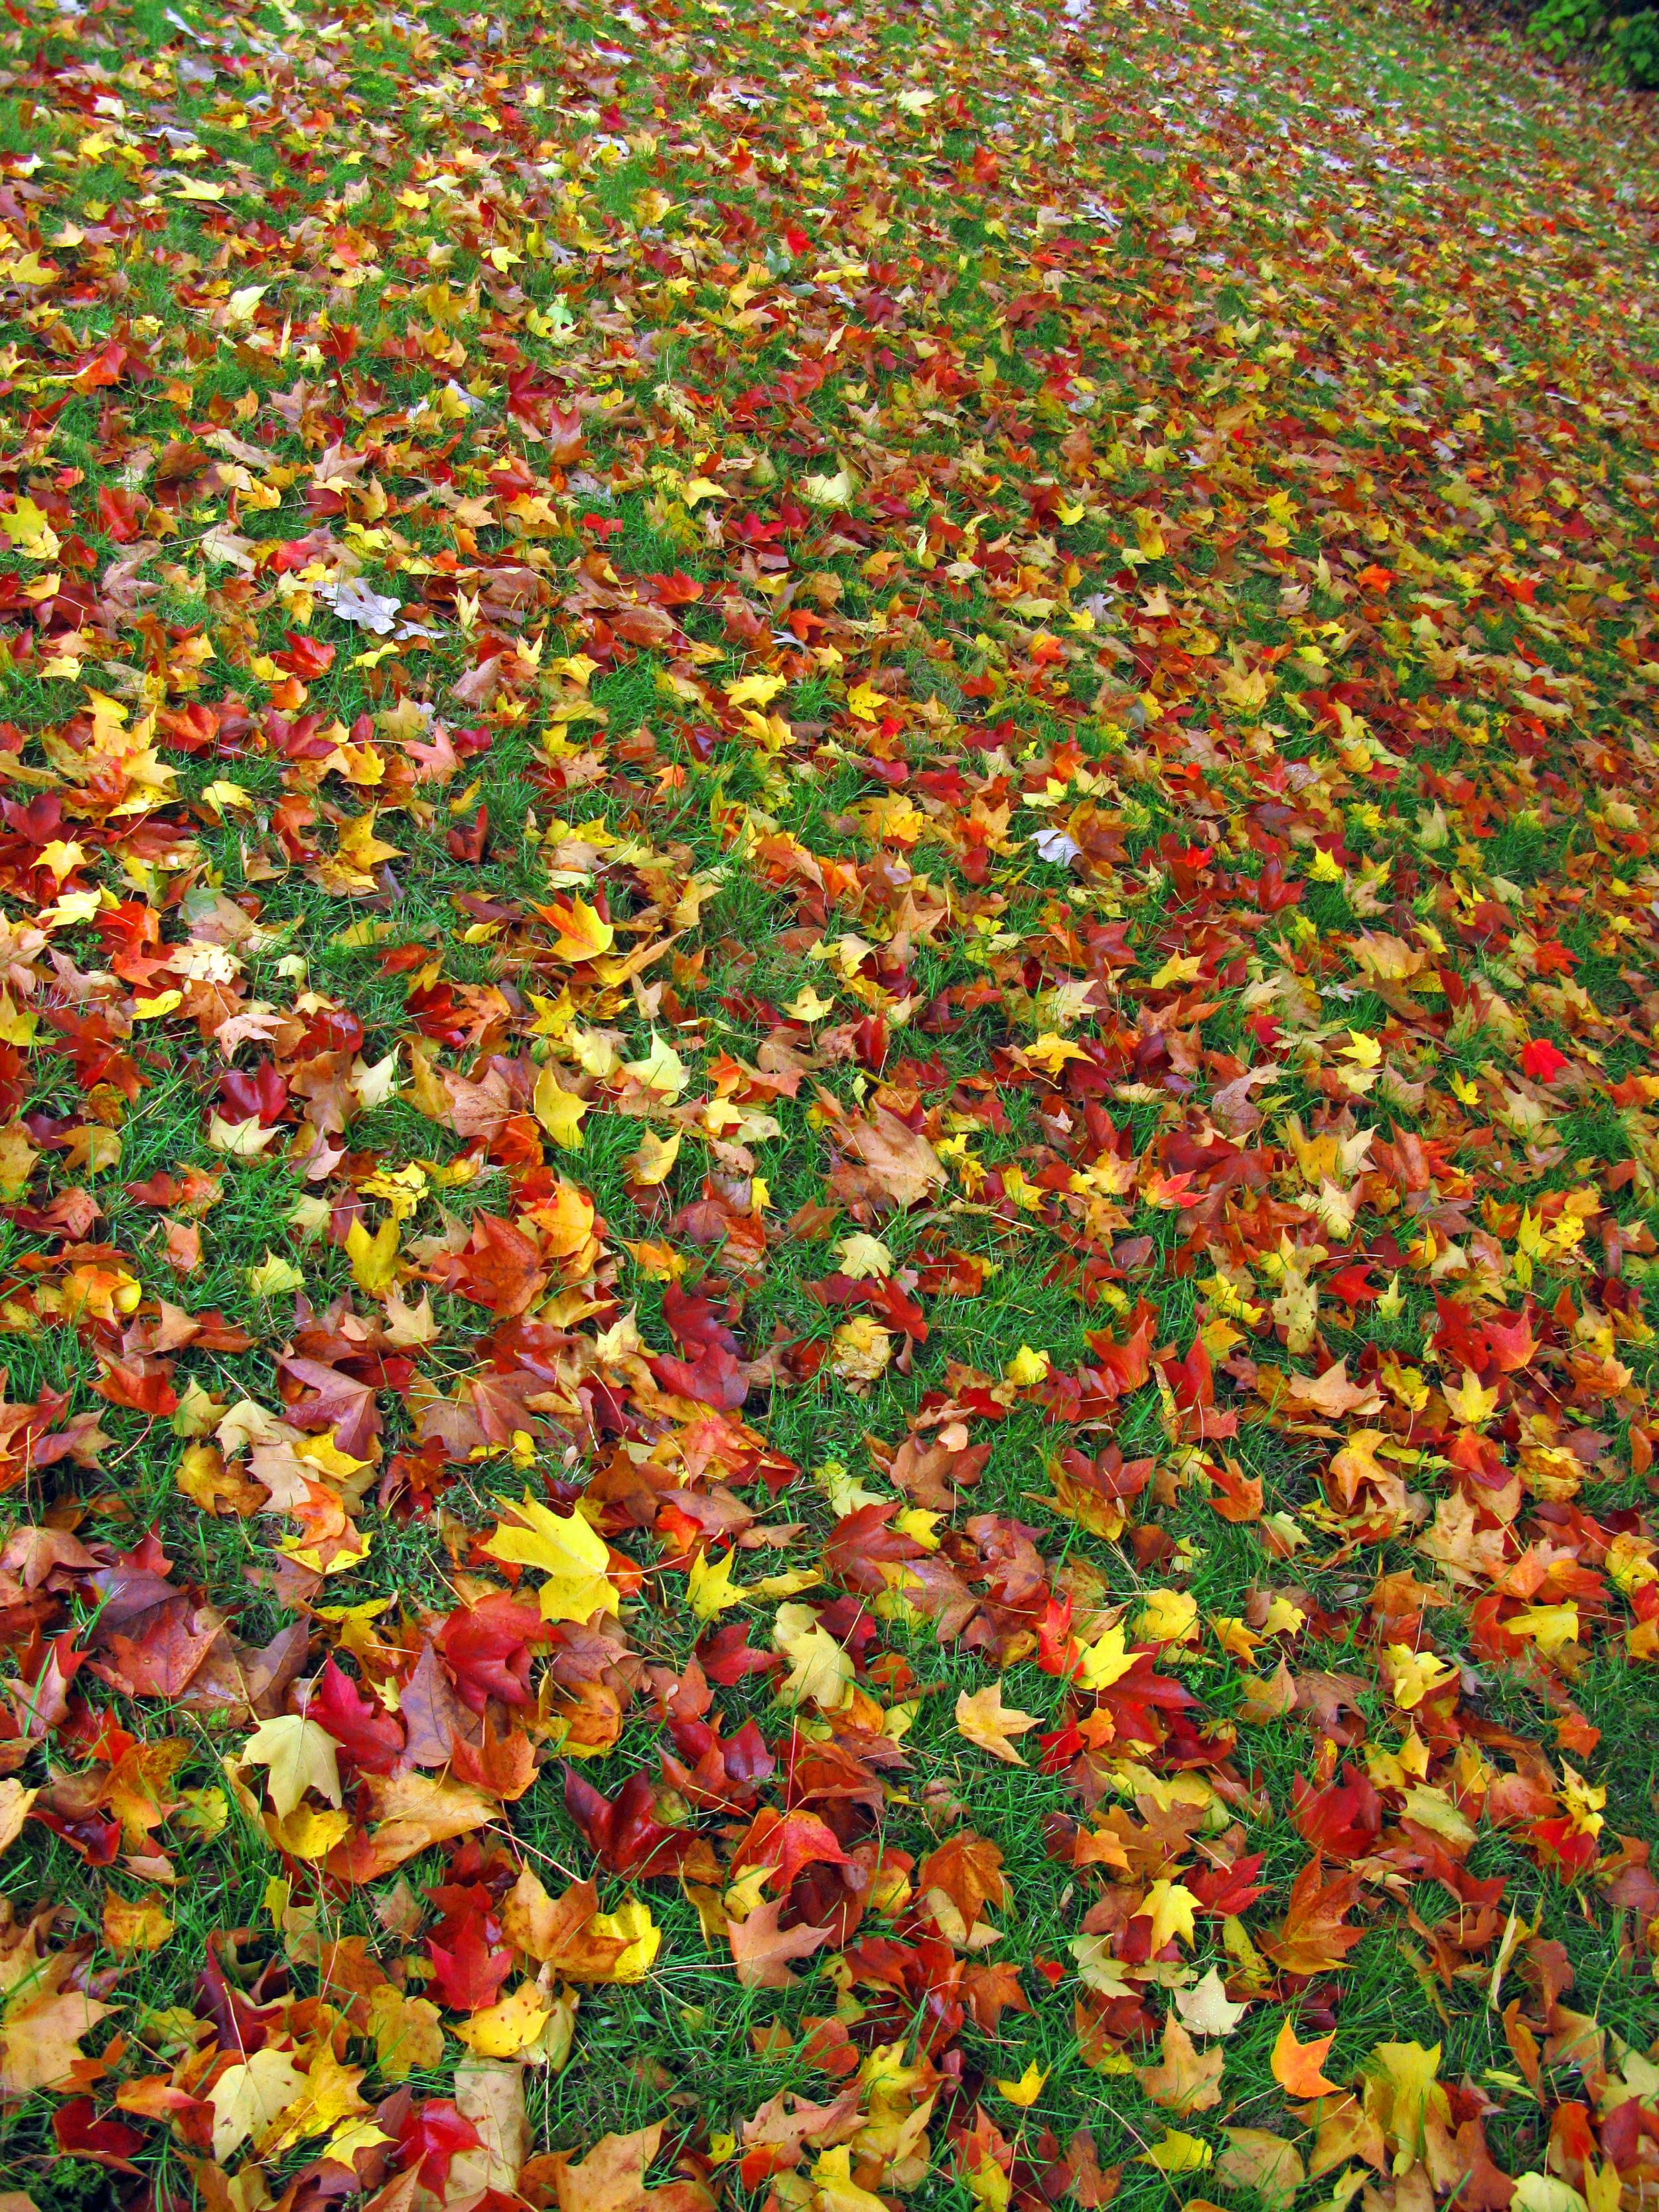 Fallen Fall Leaves.jpg